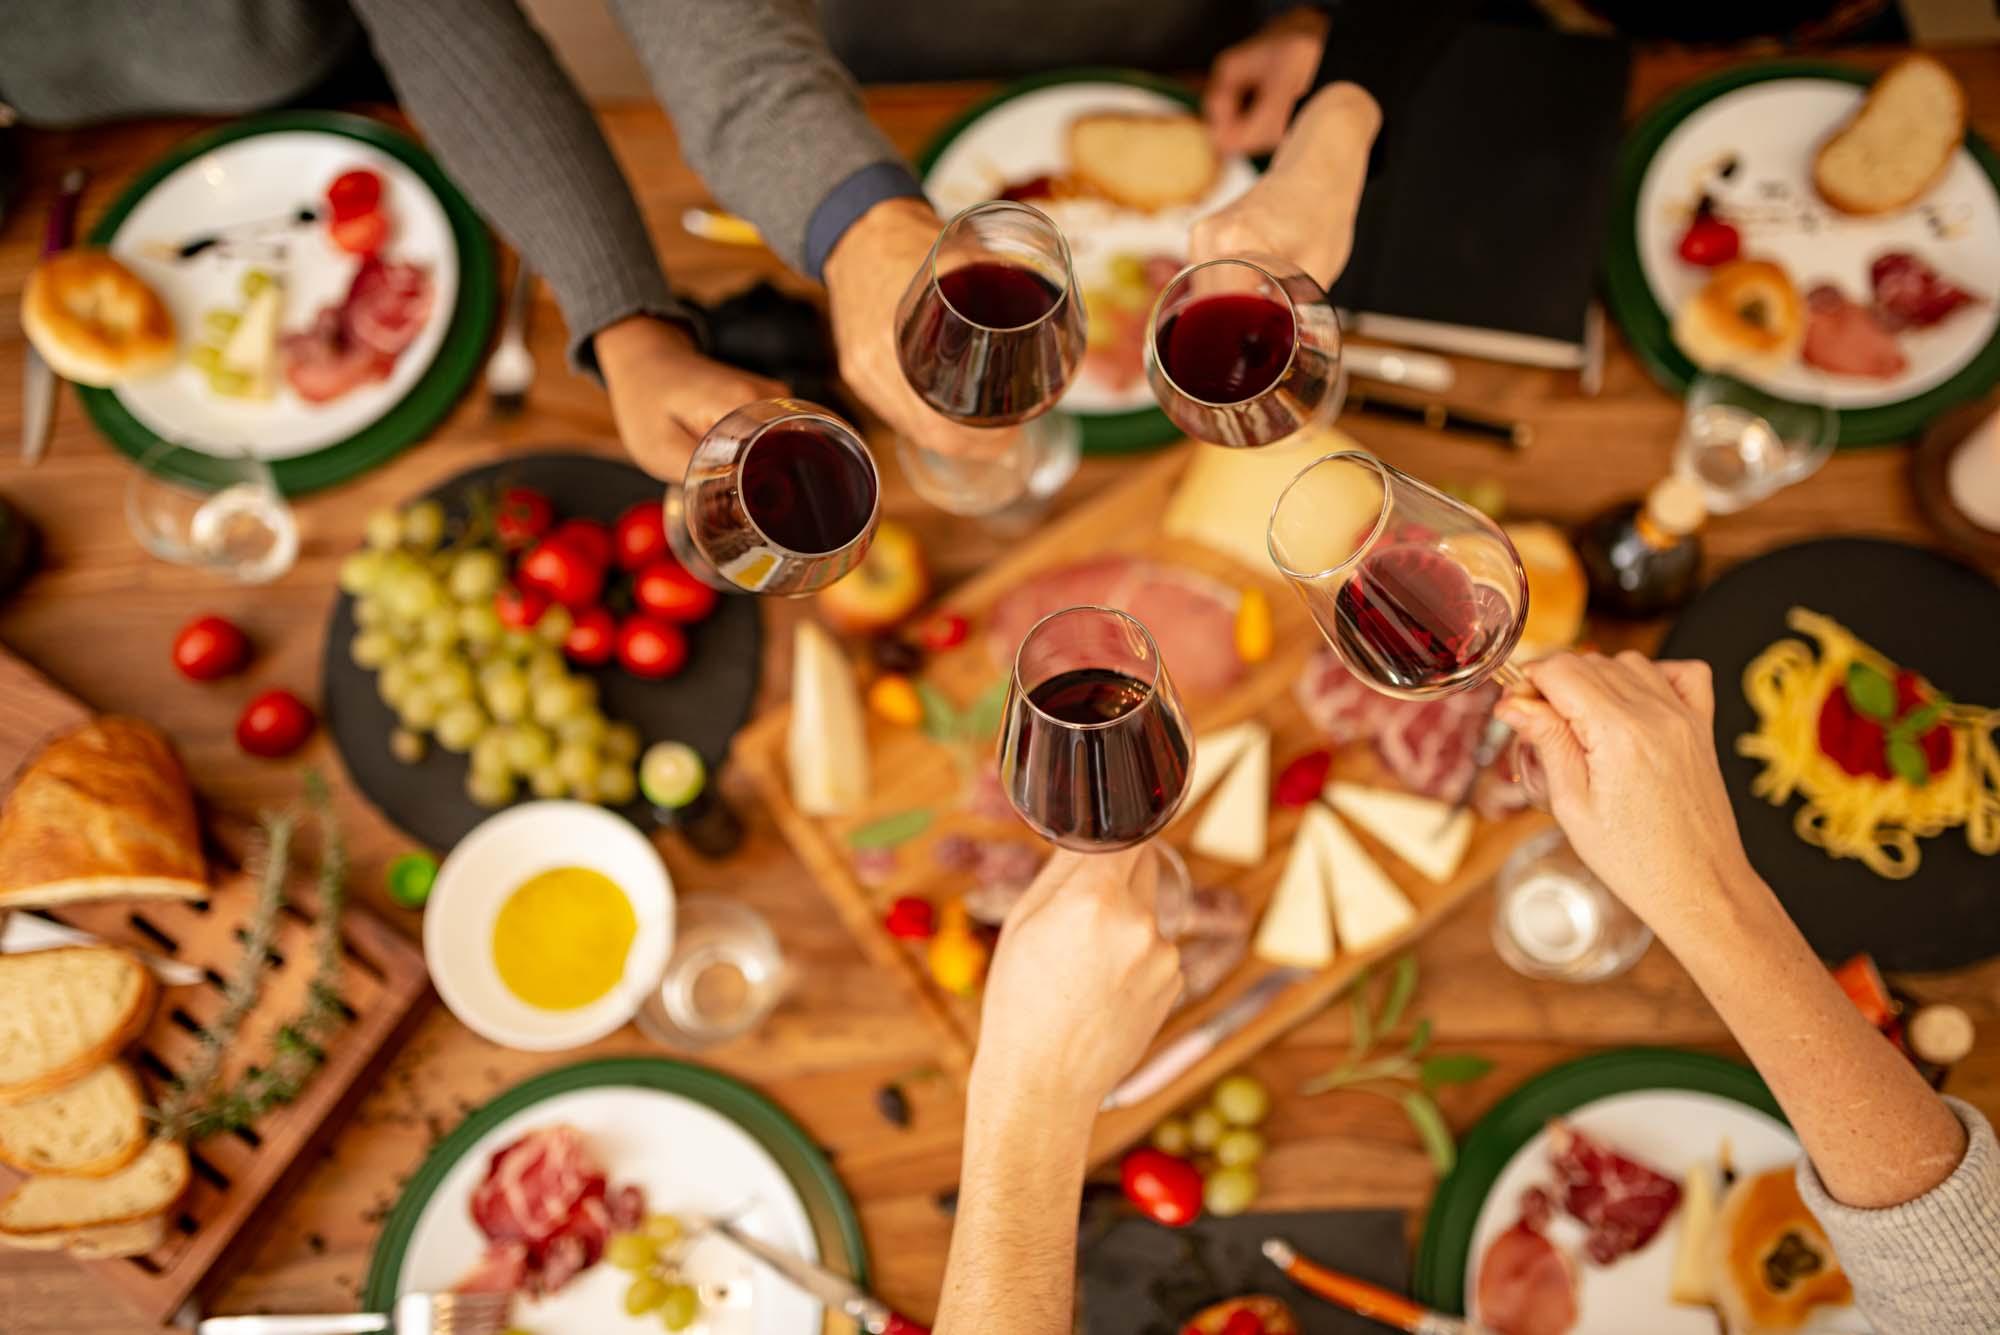 Corsi Di Cucina Cene Aziendali a Trento